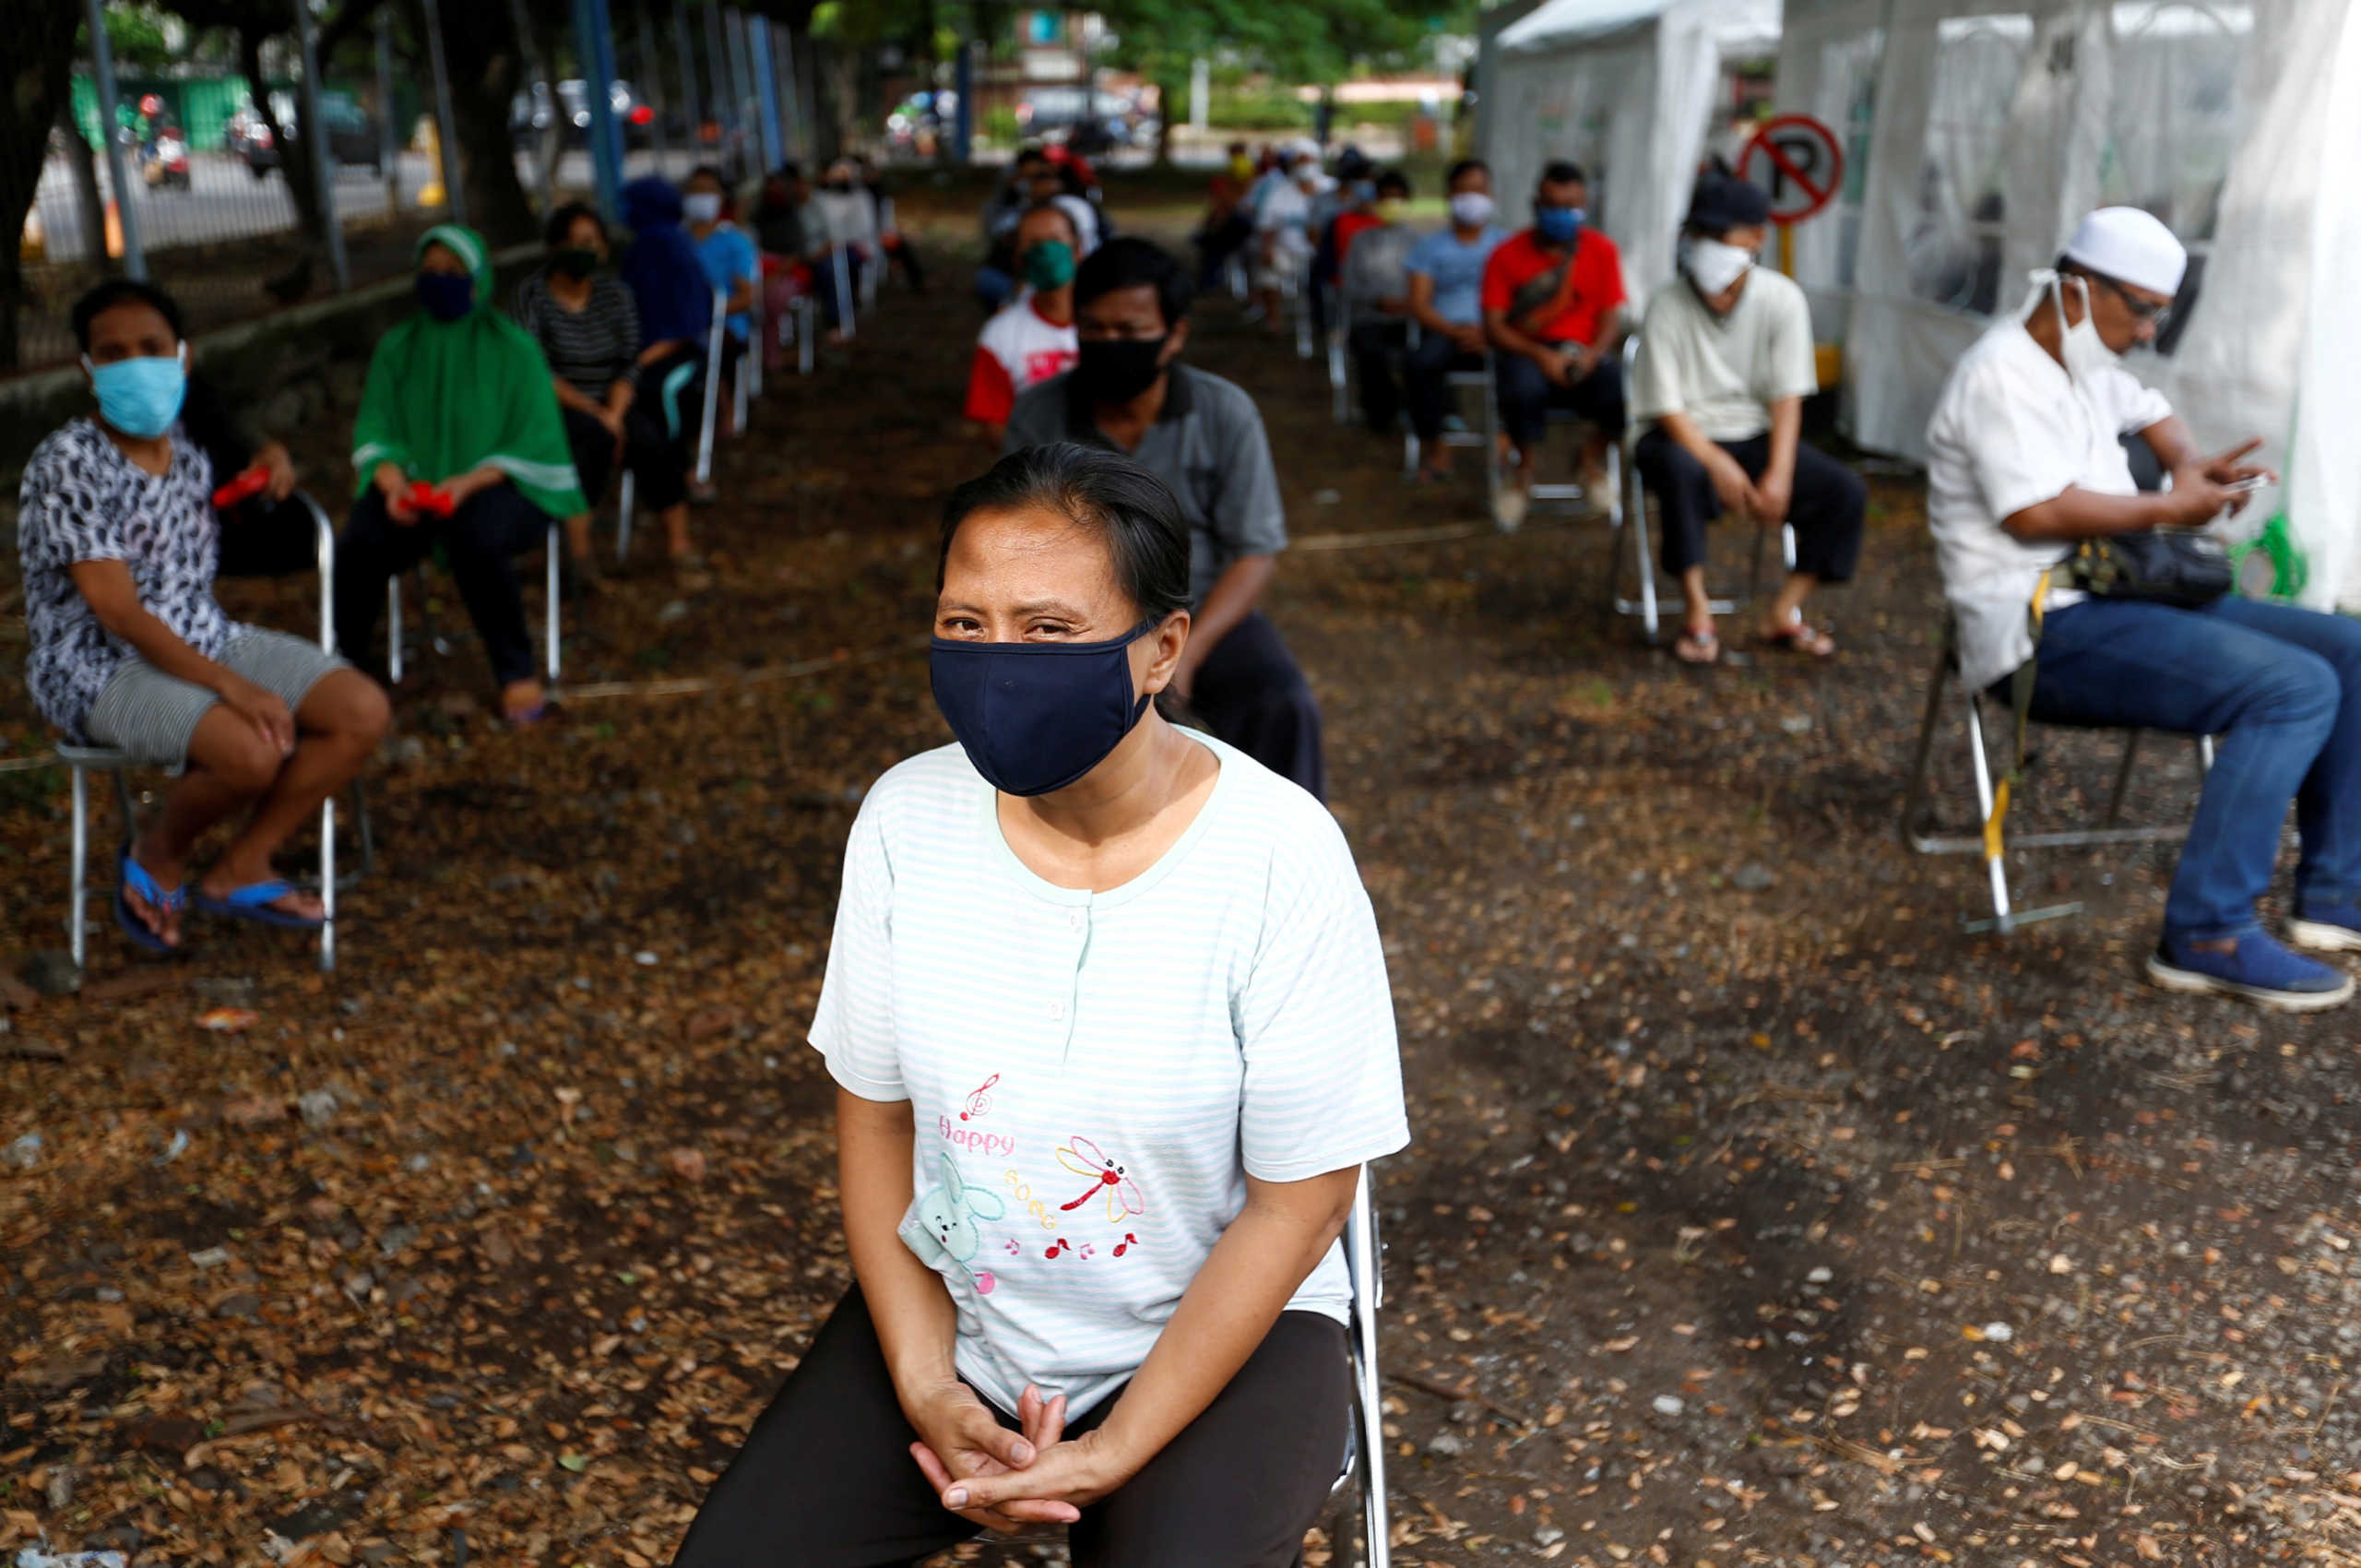 Ινδονησία: Αγγαρεία στις τουαλέτες για όσους παραβιάζουν τα μέτρα για τον κορονοϊό